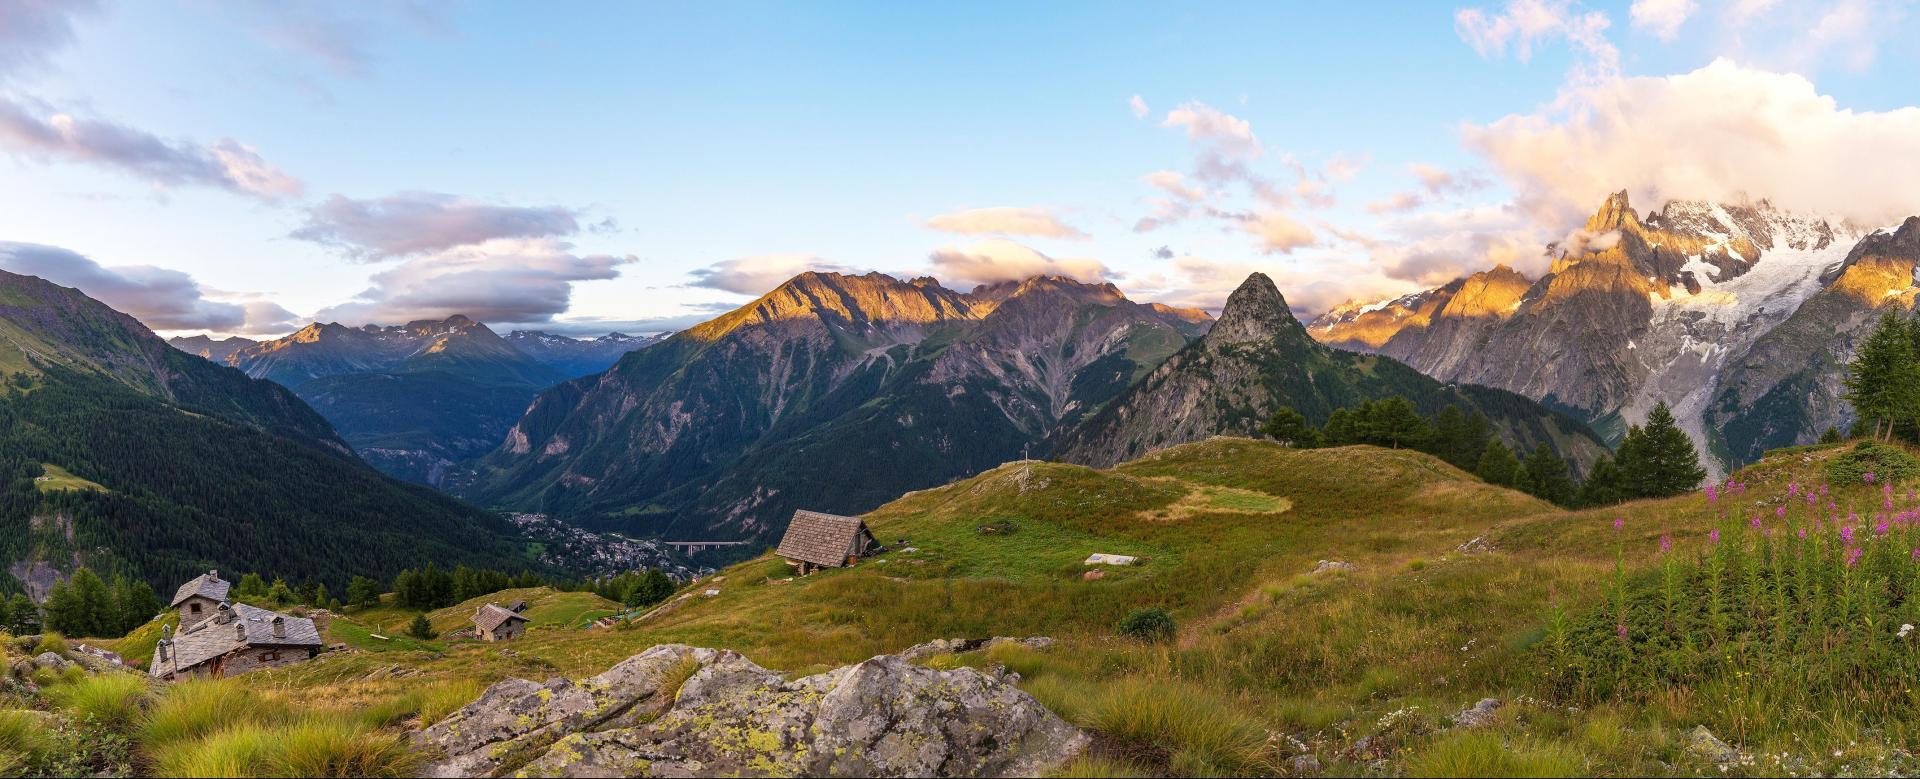 Voyage à pied France : Le trail du mont-blanc en 6 jours